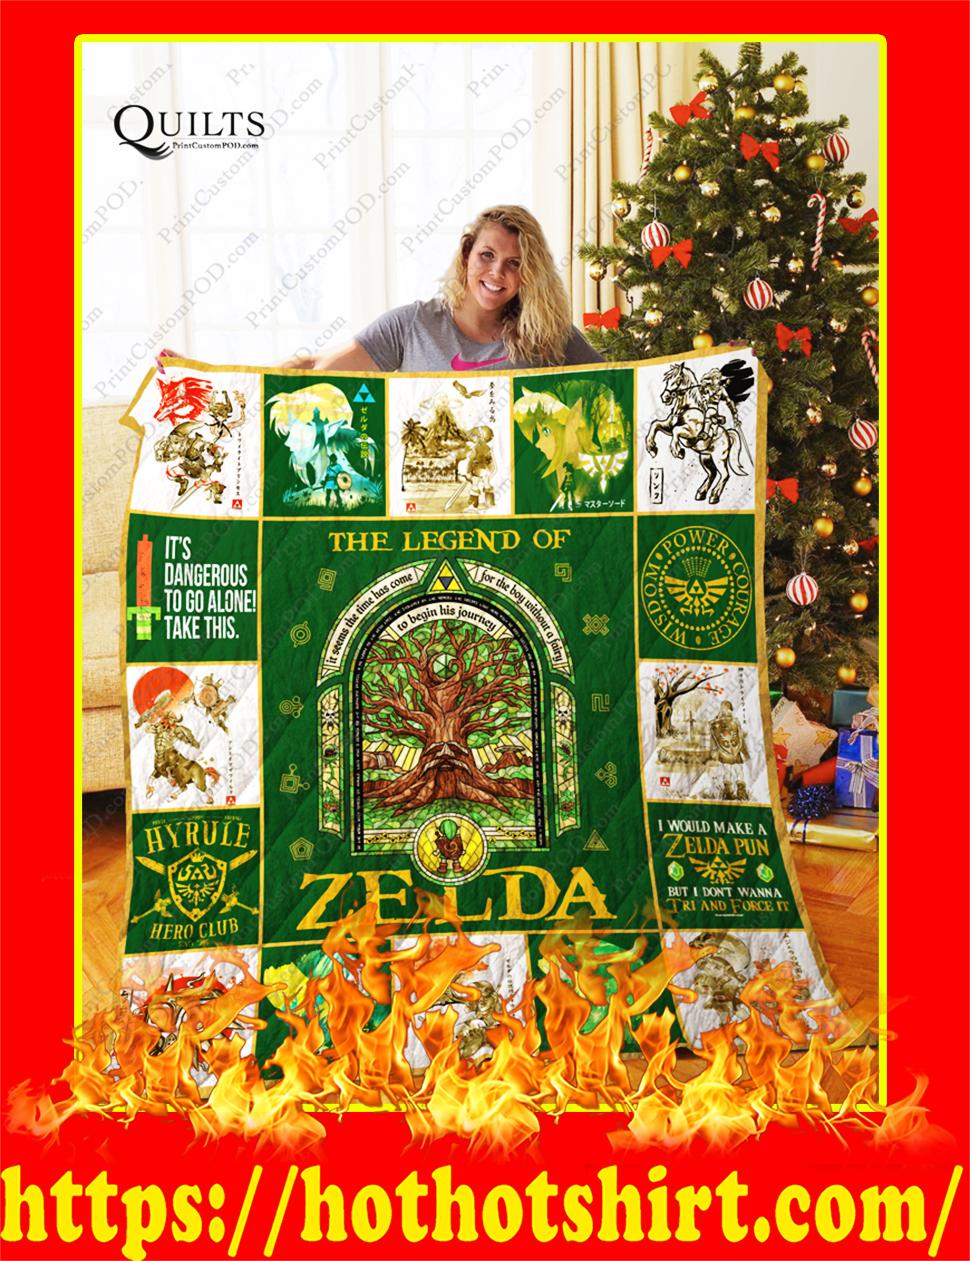 The Legend of Zelda Quilt-Queen